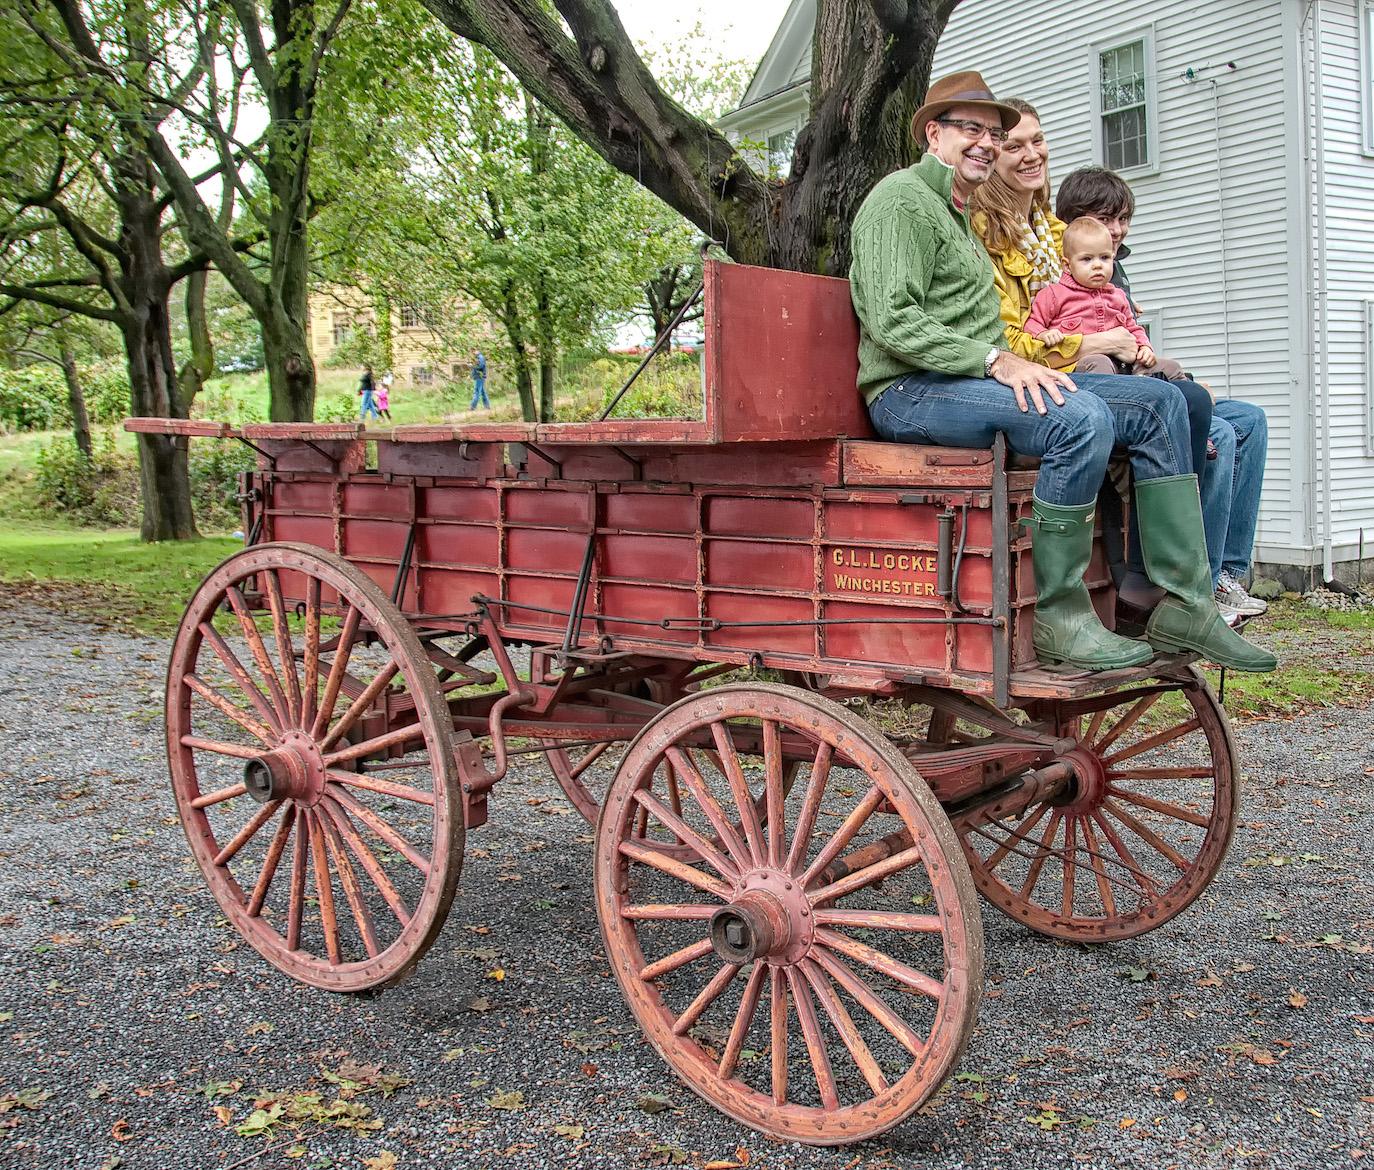 odonnell_fam_on_gott_wagon